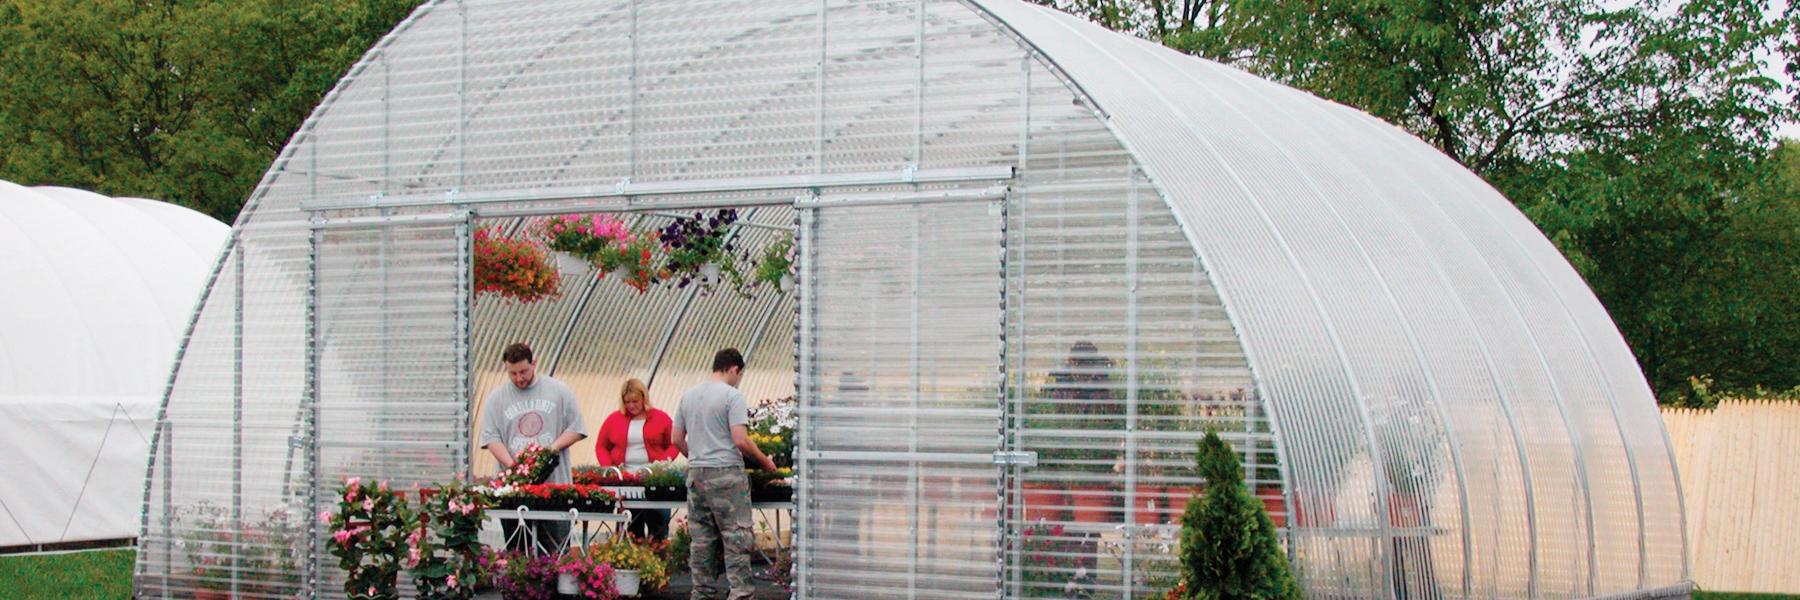 Round premium greenhouse